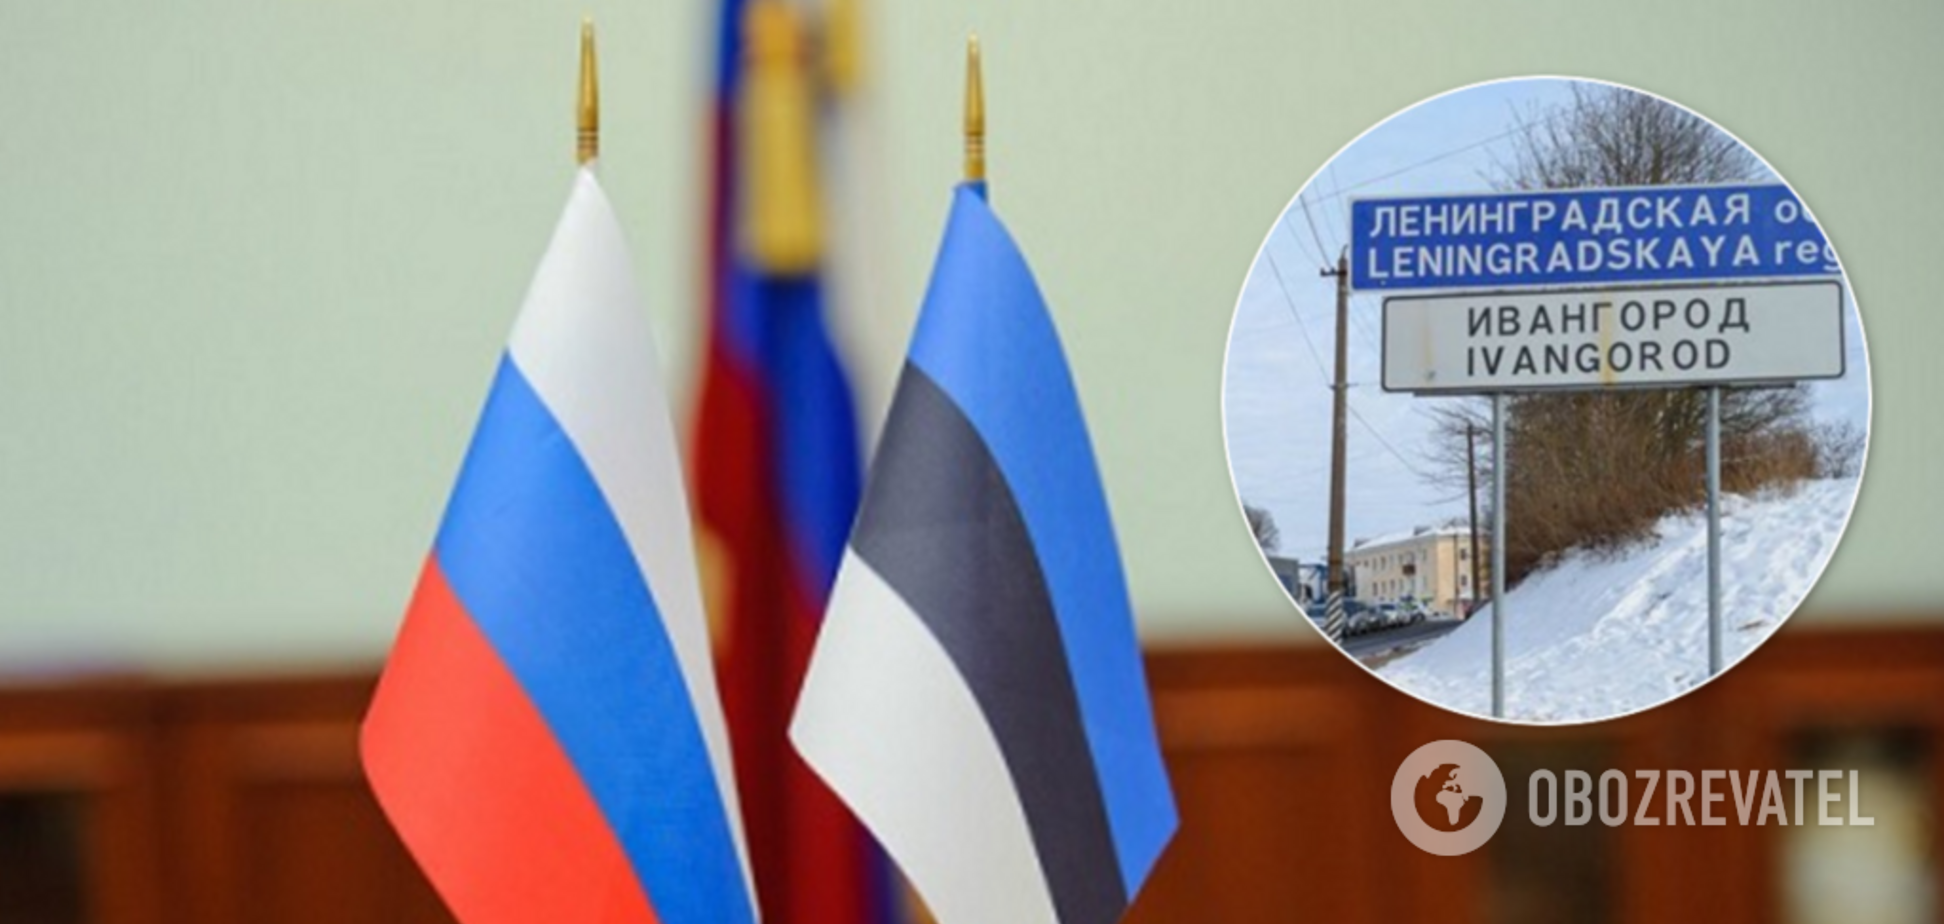 Эстония приготовиласьзабрать у России территории